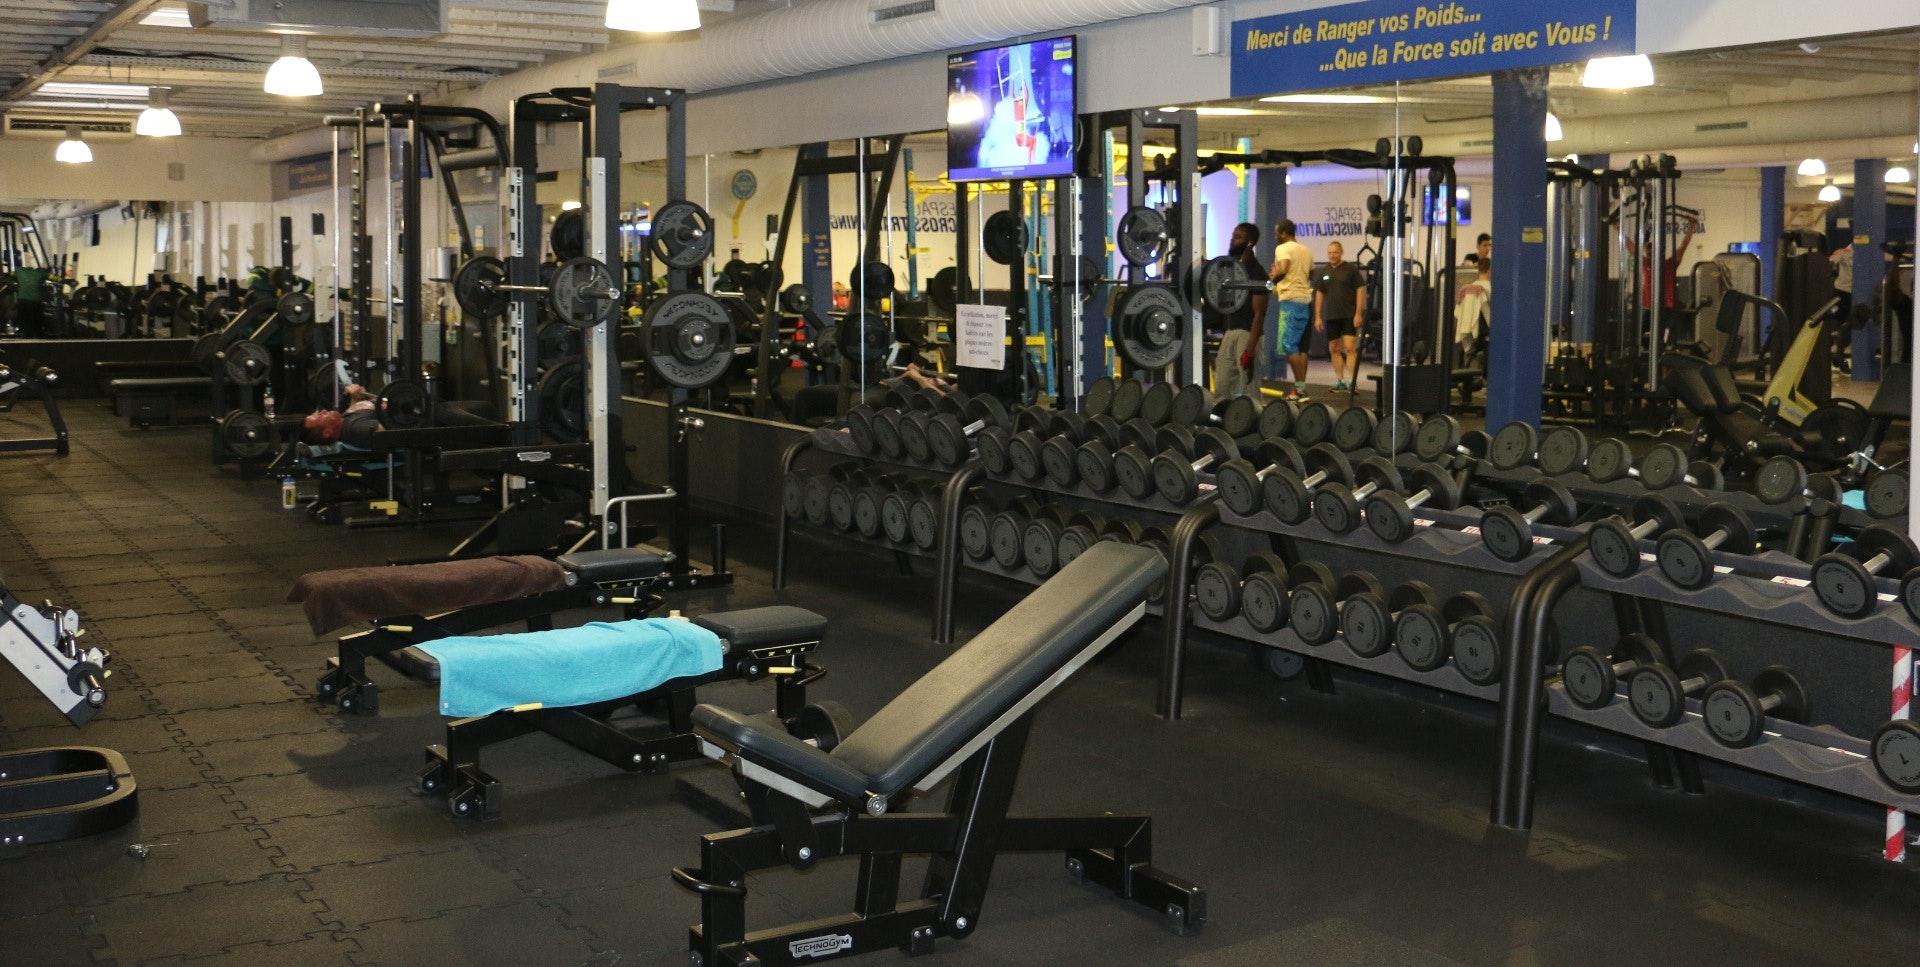 Photo 4 Les meilleurs tarifs  et activités pour le centre Fitness Park Bagneux Cachan Bagneux